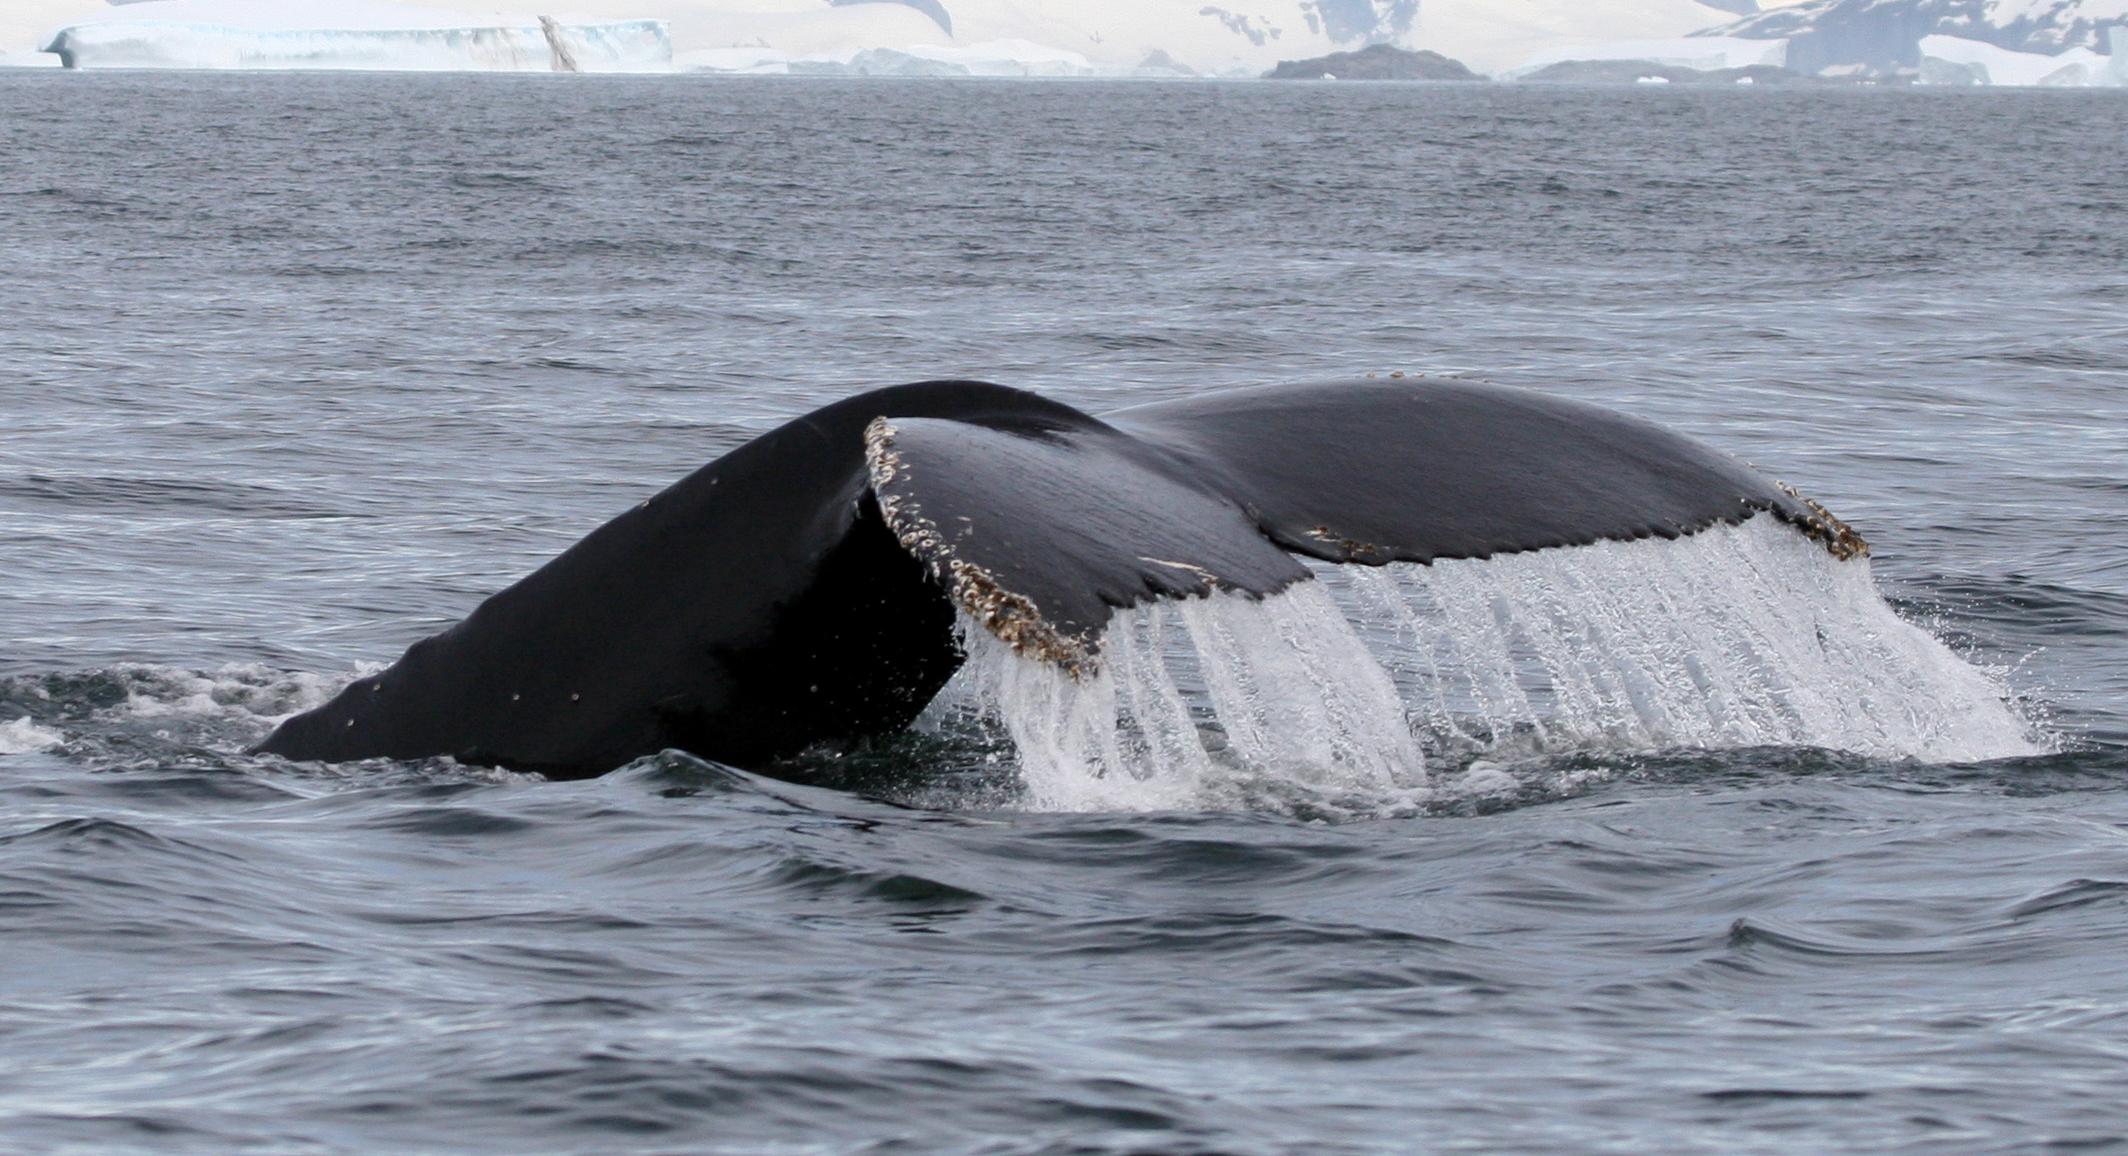 Se valarna på Island på denna valskådningstur i Breiðafjördsfjorden på Snæfellsneshalvön.